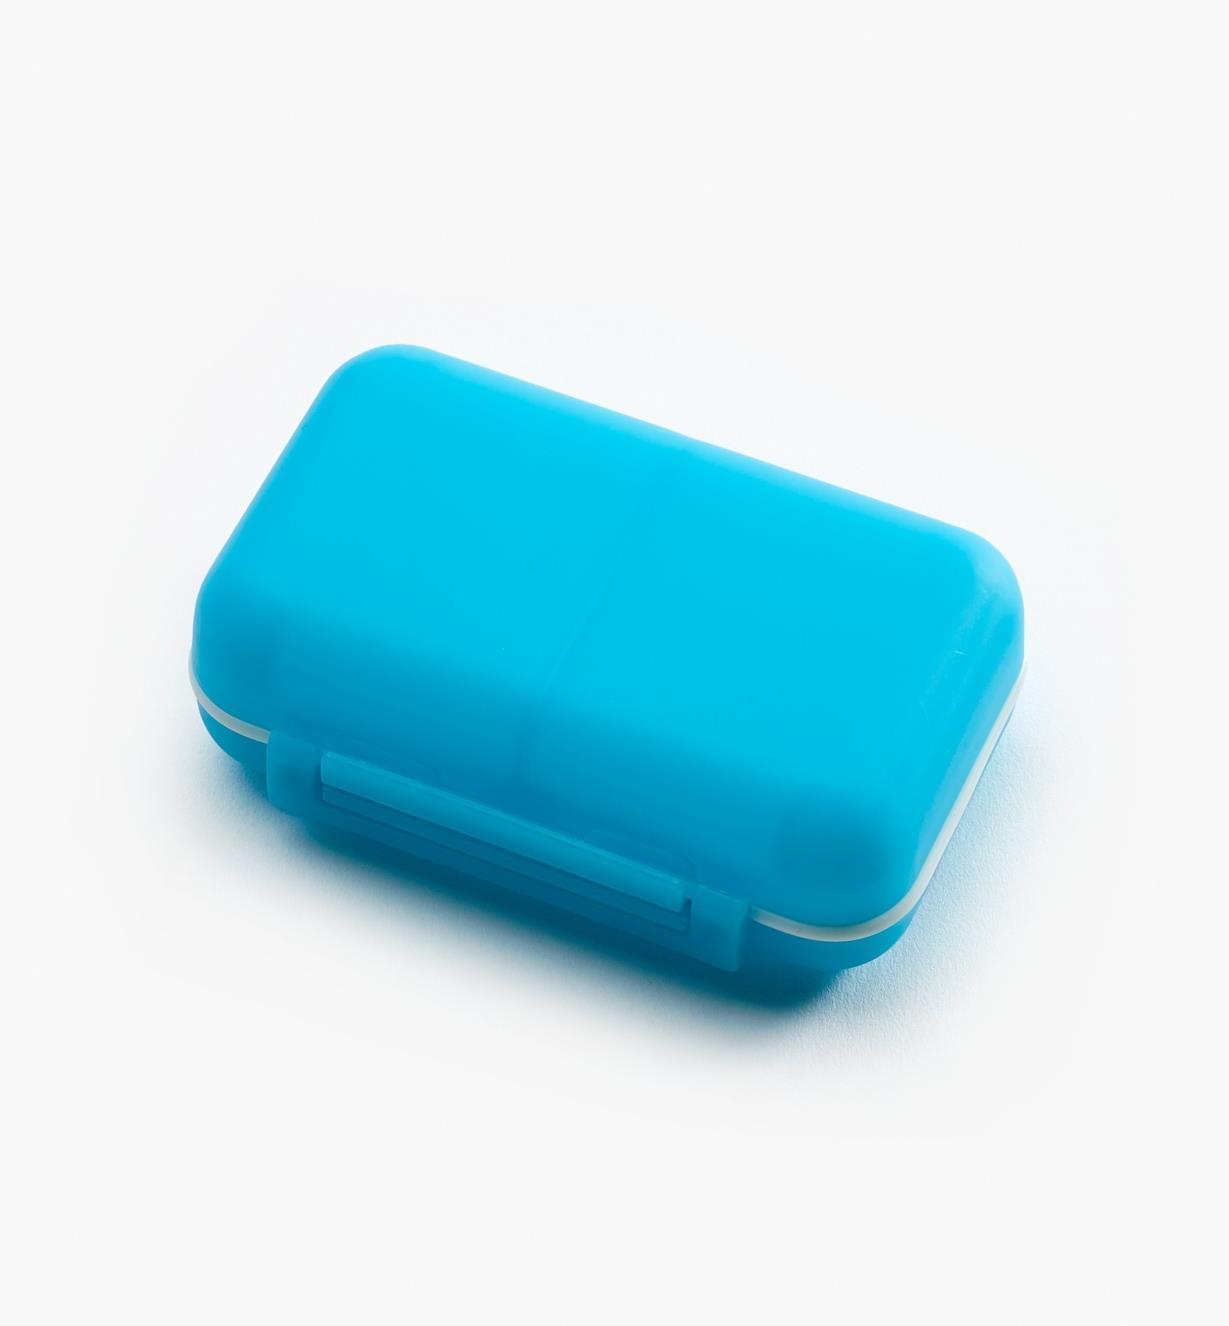 EV383 - Locking Pocket Case